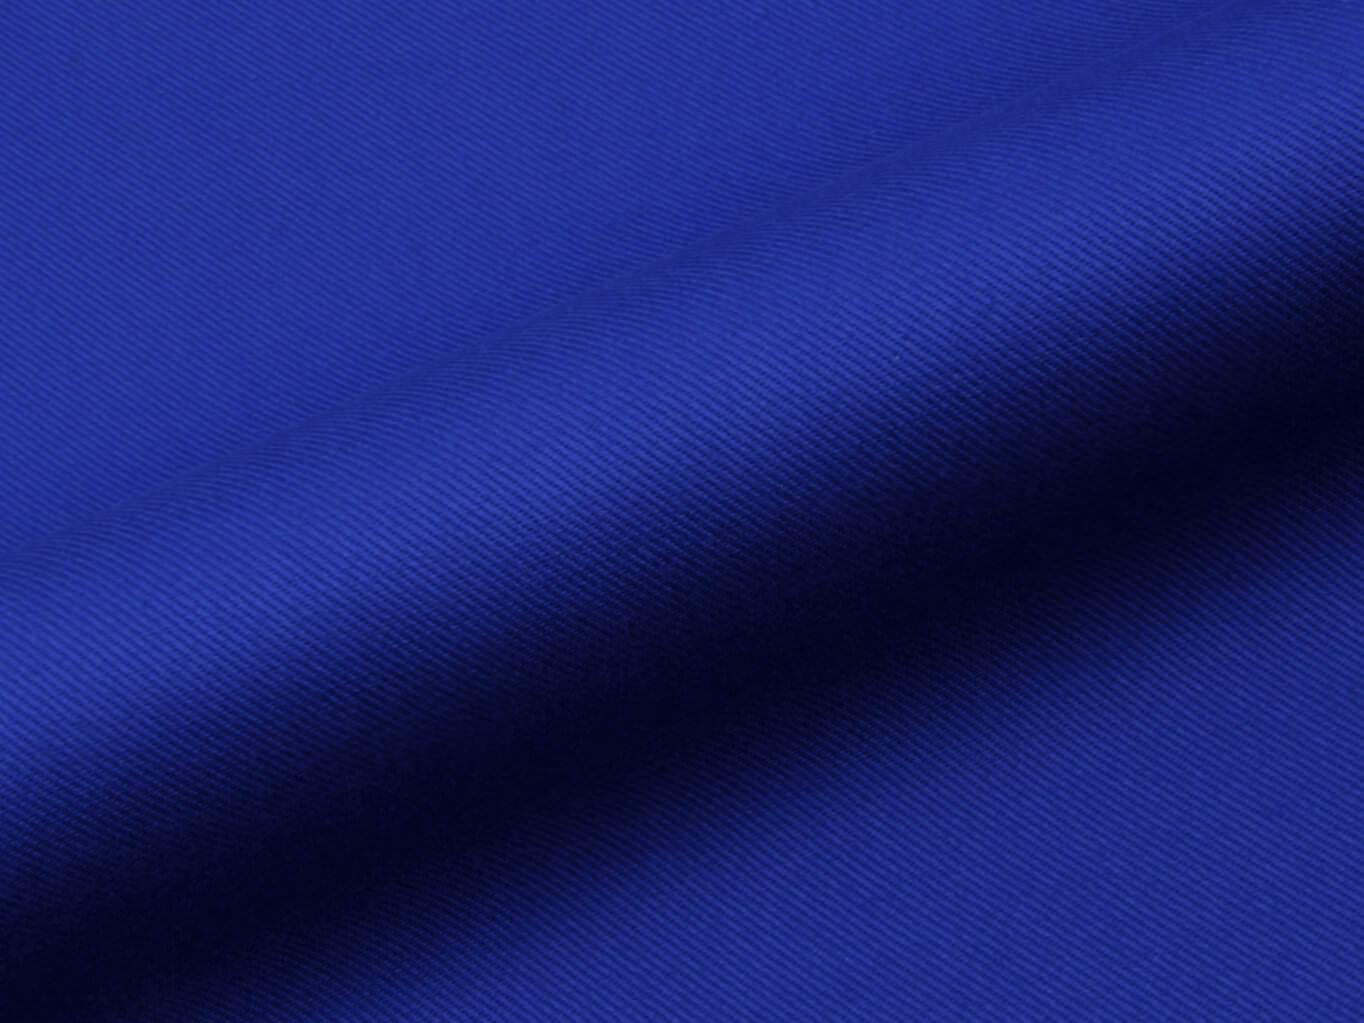 Mirtex NORD 350/05 středně modrá / METRÁŽ NA MÍRU Ceník: METRÁŽ: od 1 metrů